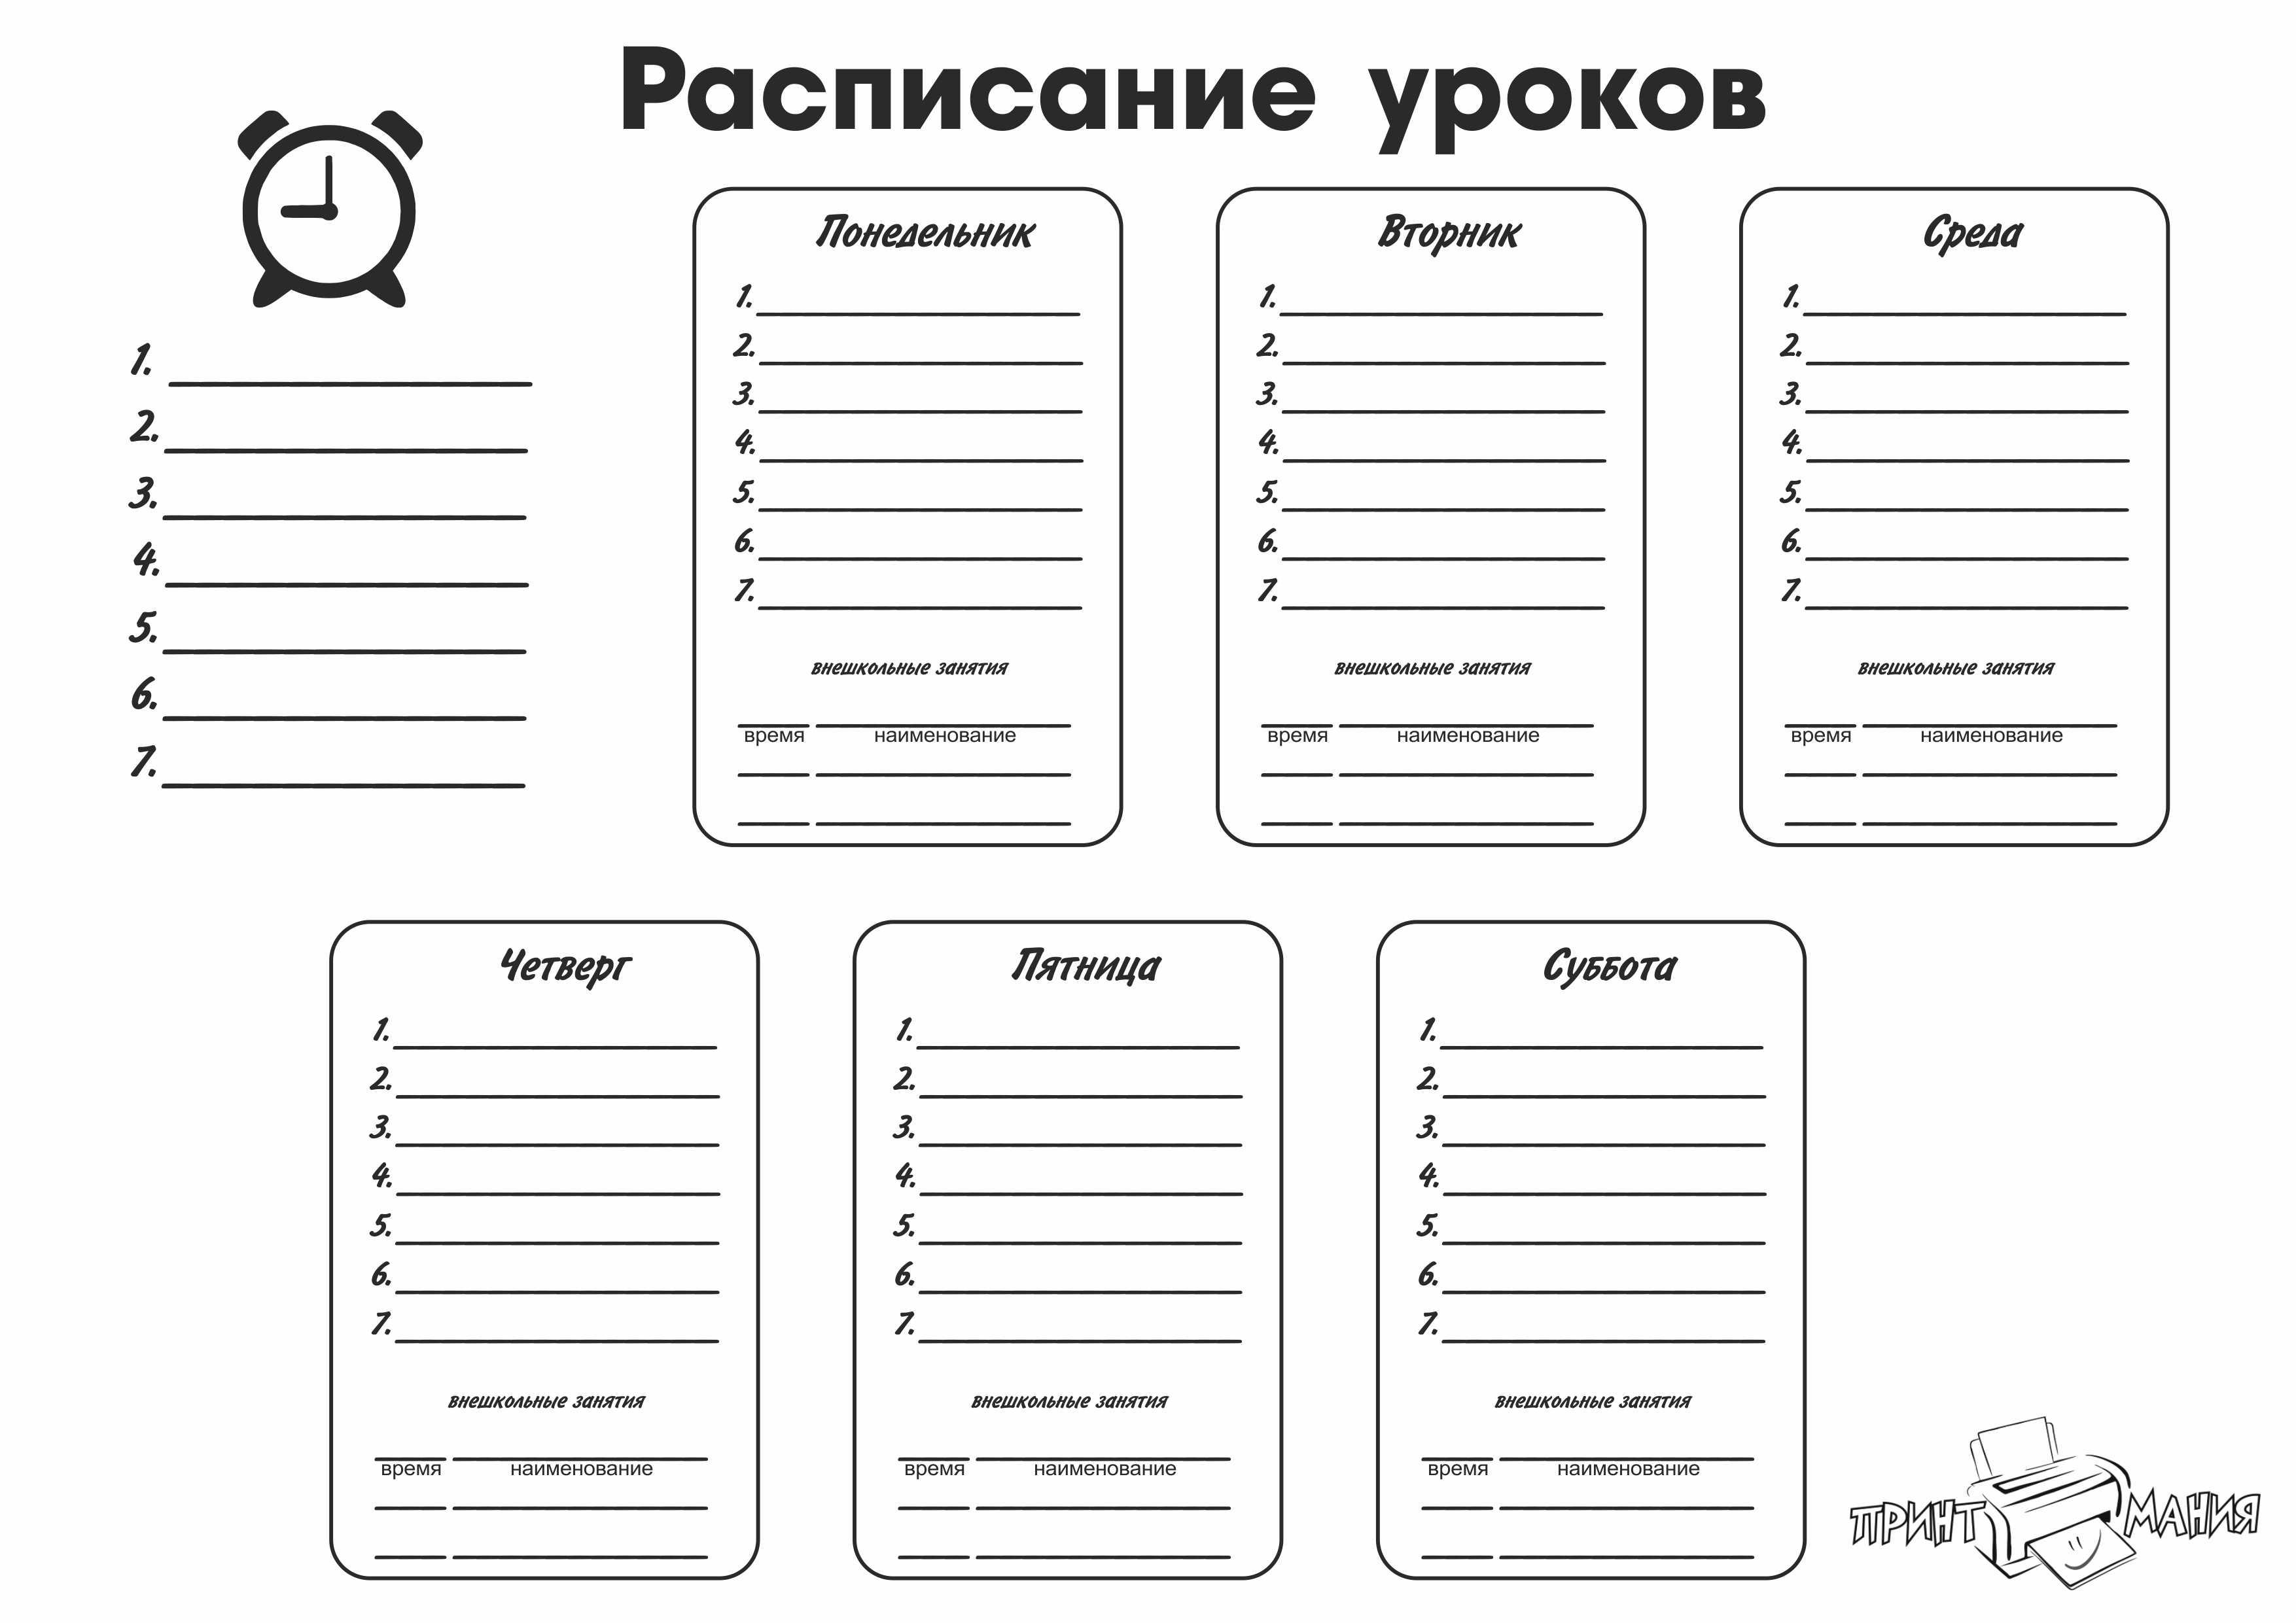 Расписание уроков и звонков для распечатки на А4 - ПринтМания